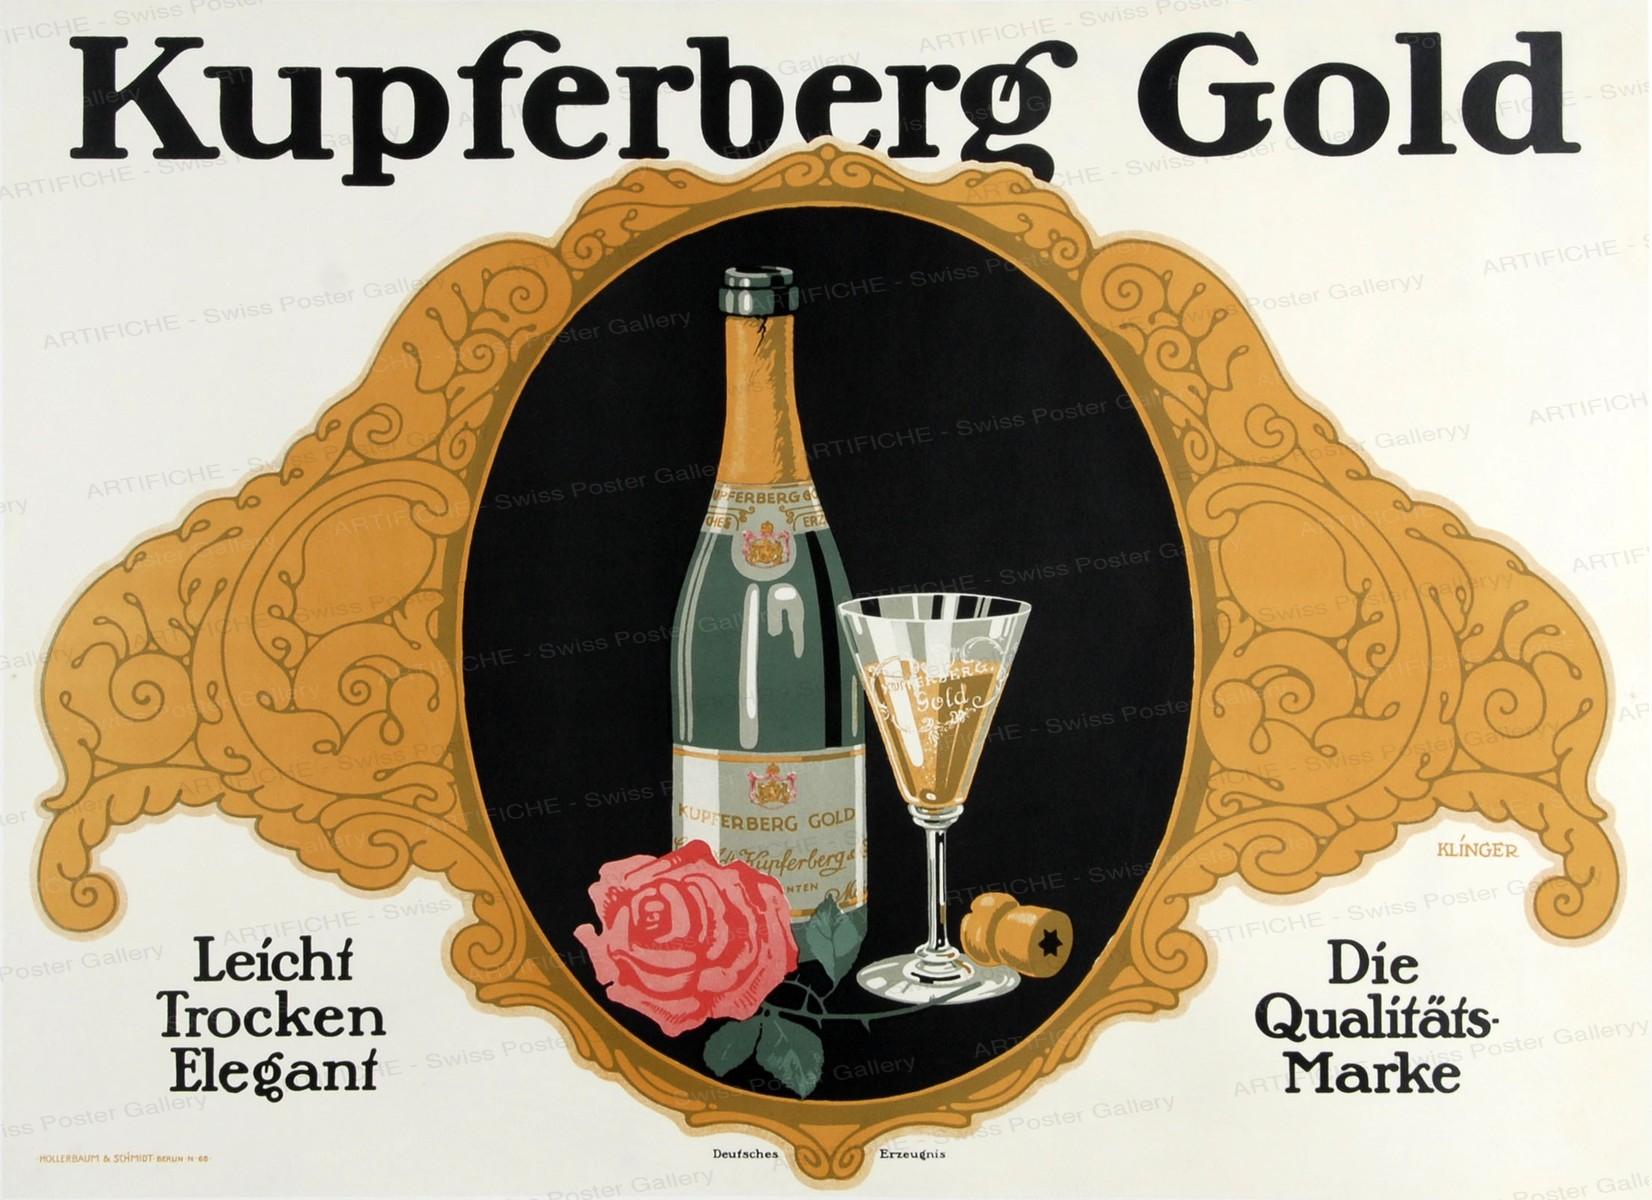 Kupferberg Gold – Leicht Trocken Elegant – Die Qualitätsmarke, Julius Klingler